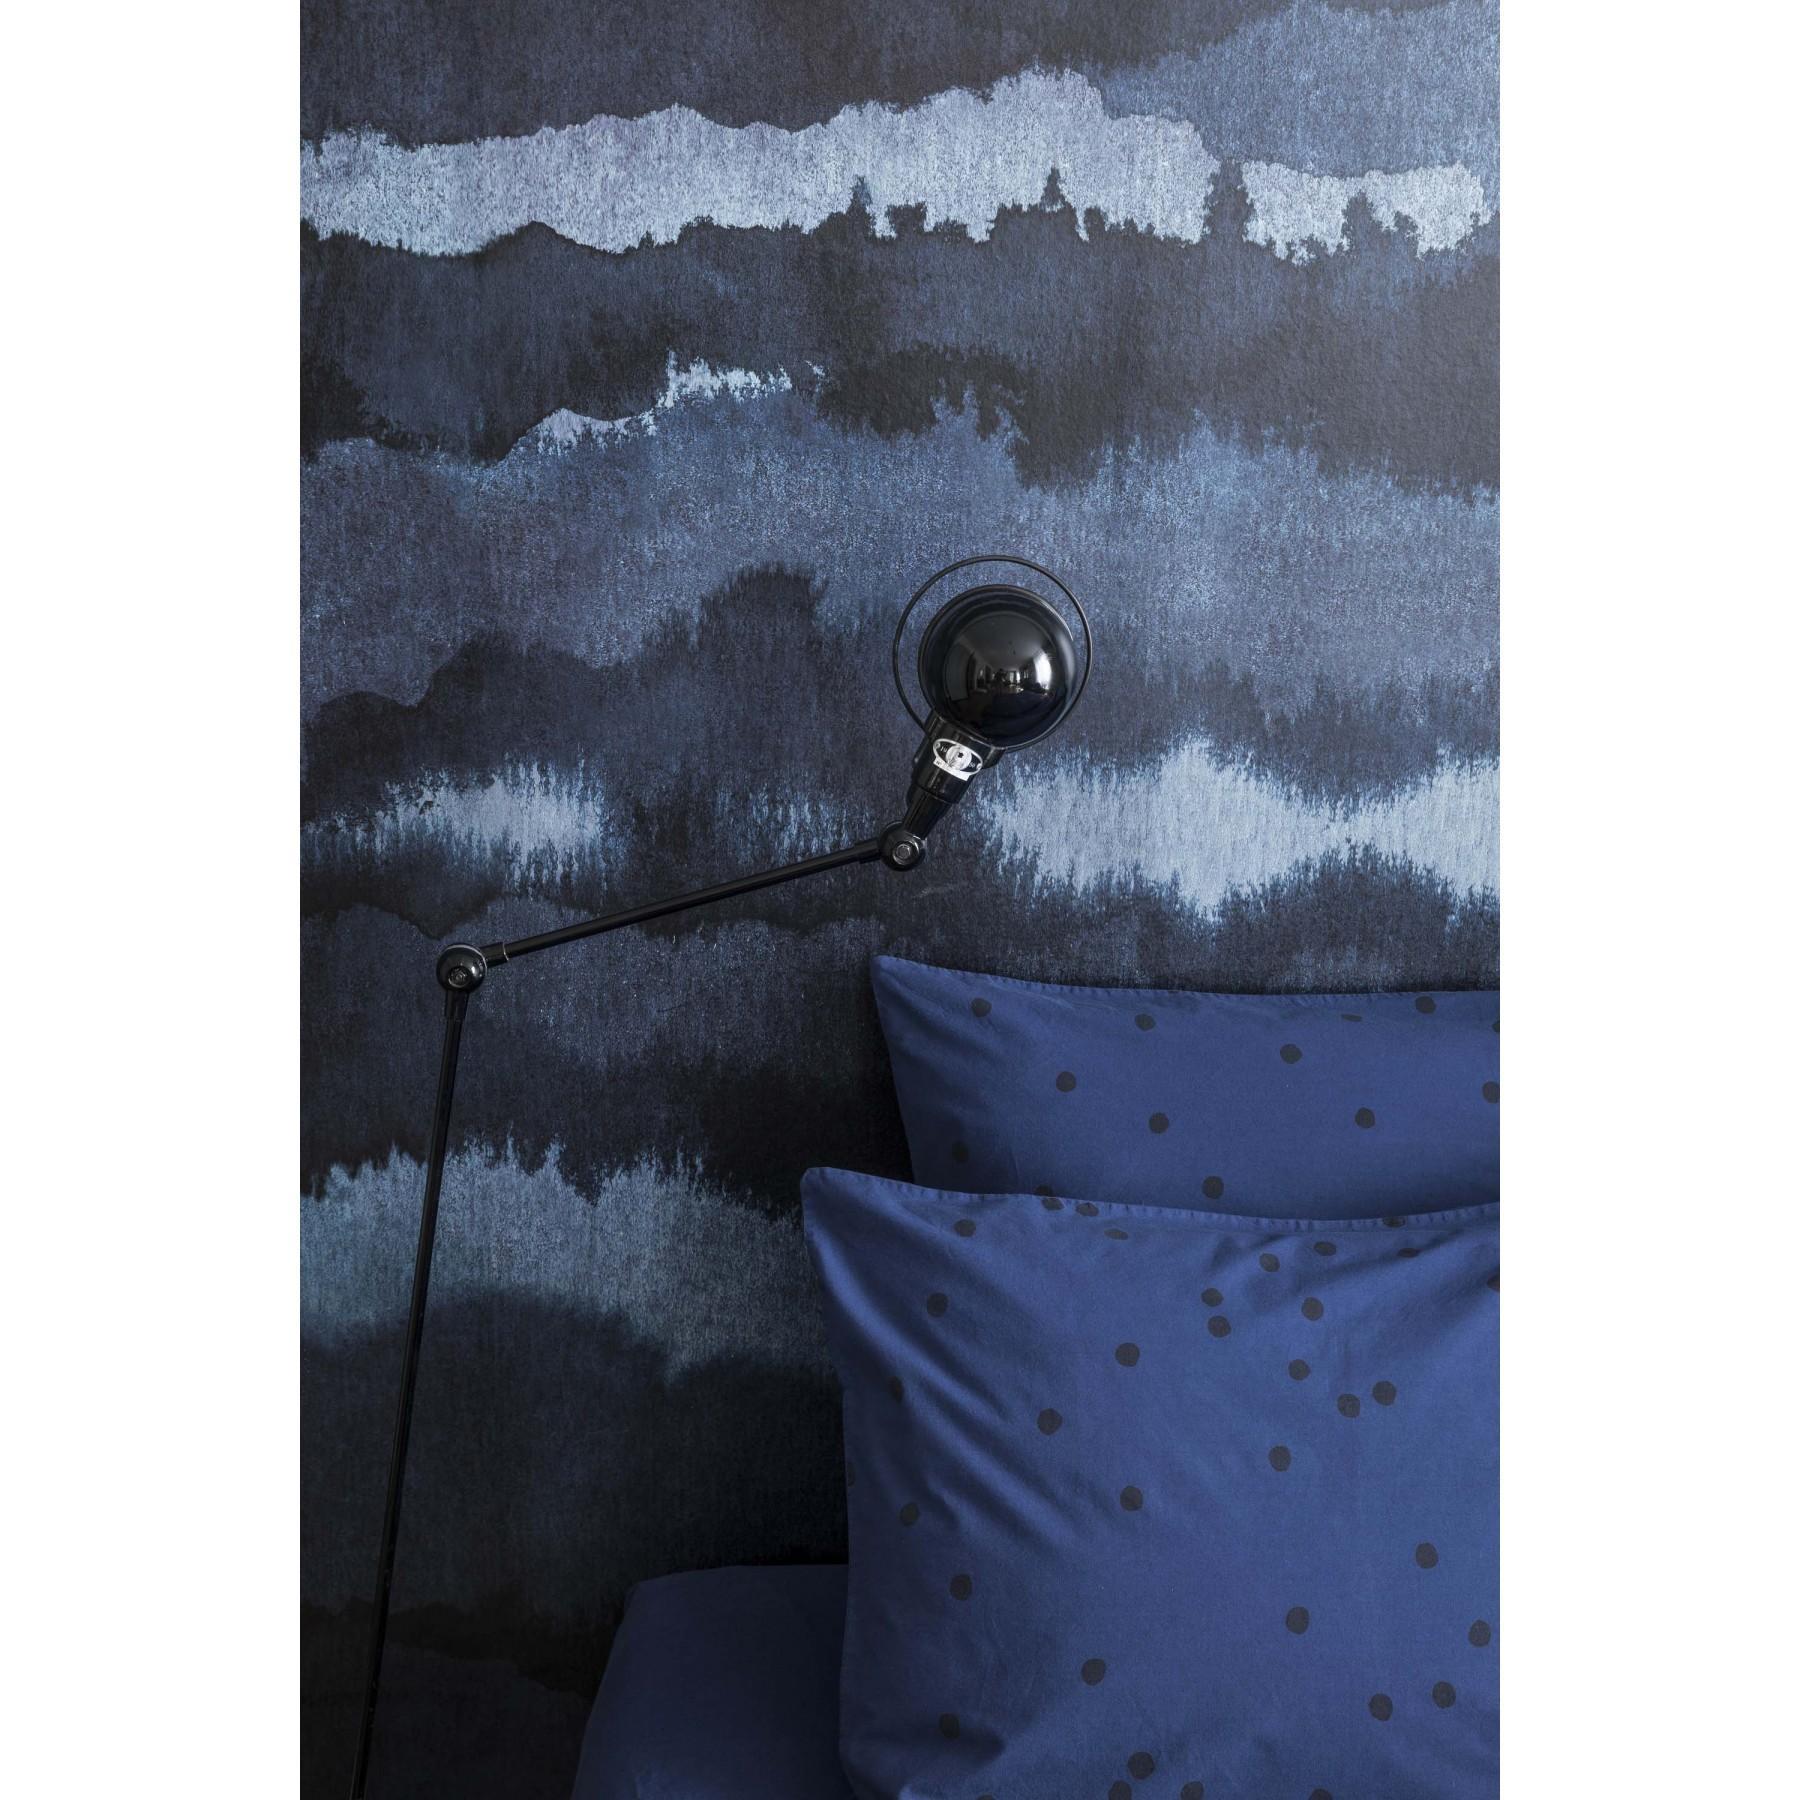 Taie d'oreiller Pois Odette bleu Encre bleu 65x65cm Coton bio * La Cerise sur le Gâteau